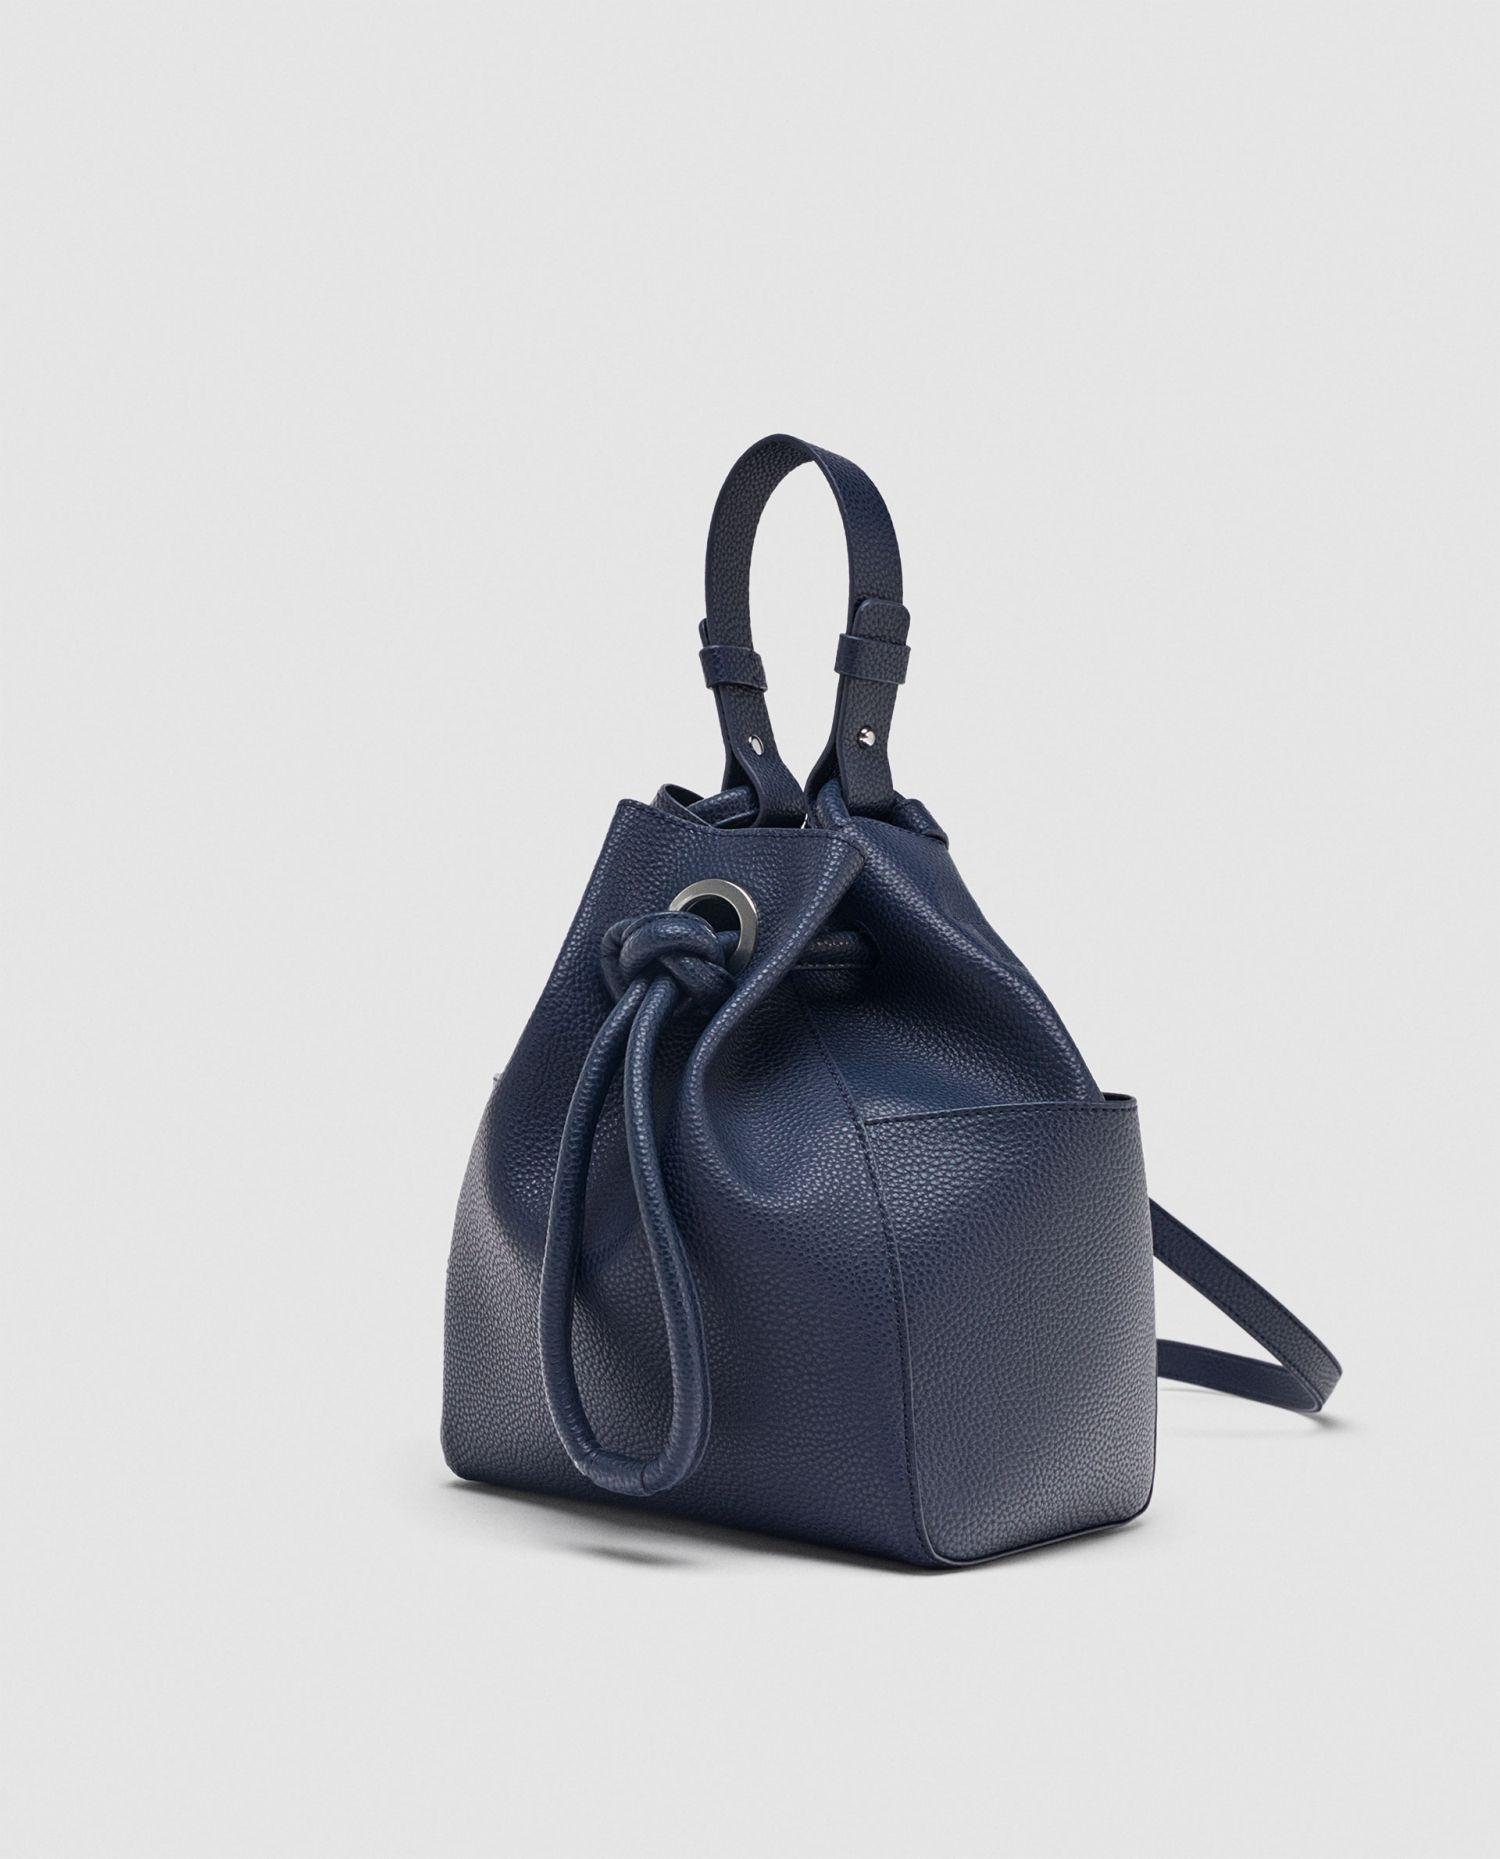 5b35a0097e7dd Zara nowy worek torba z wiązaniem - 7578241681 - oficjalne archiwum ...